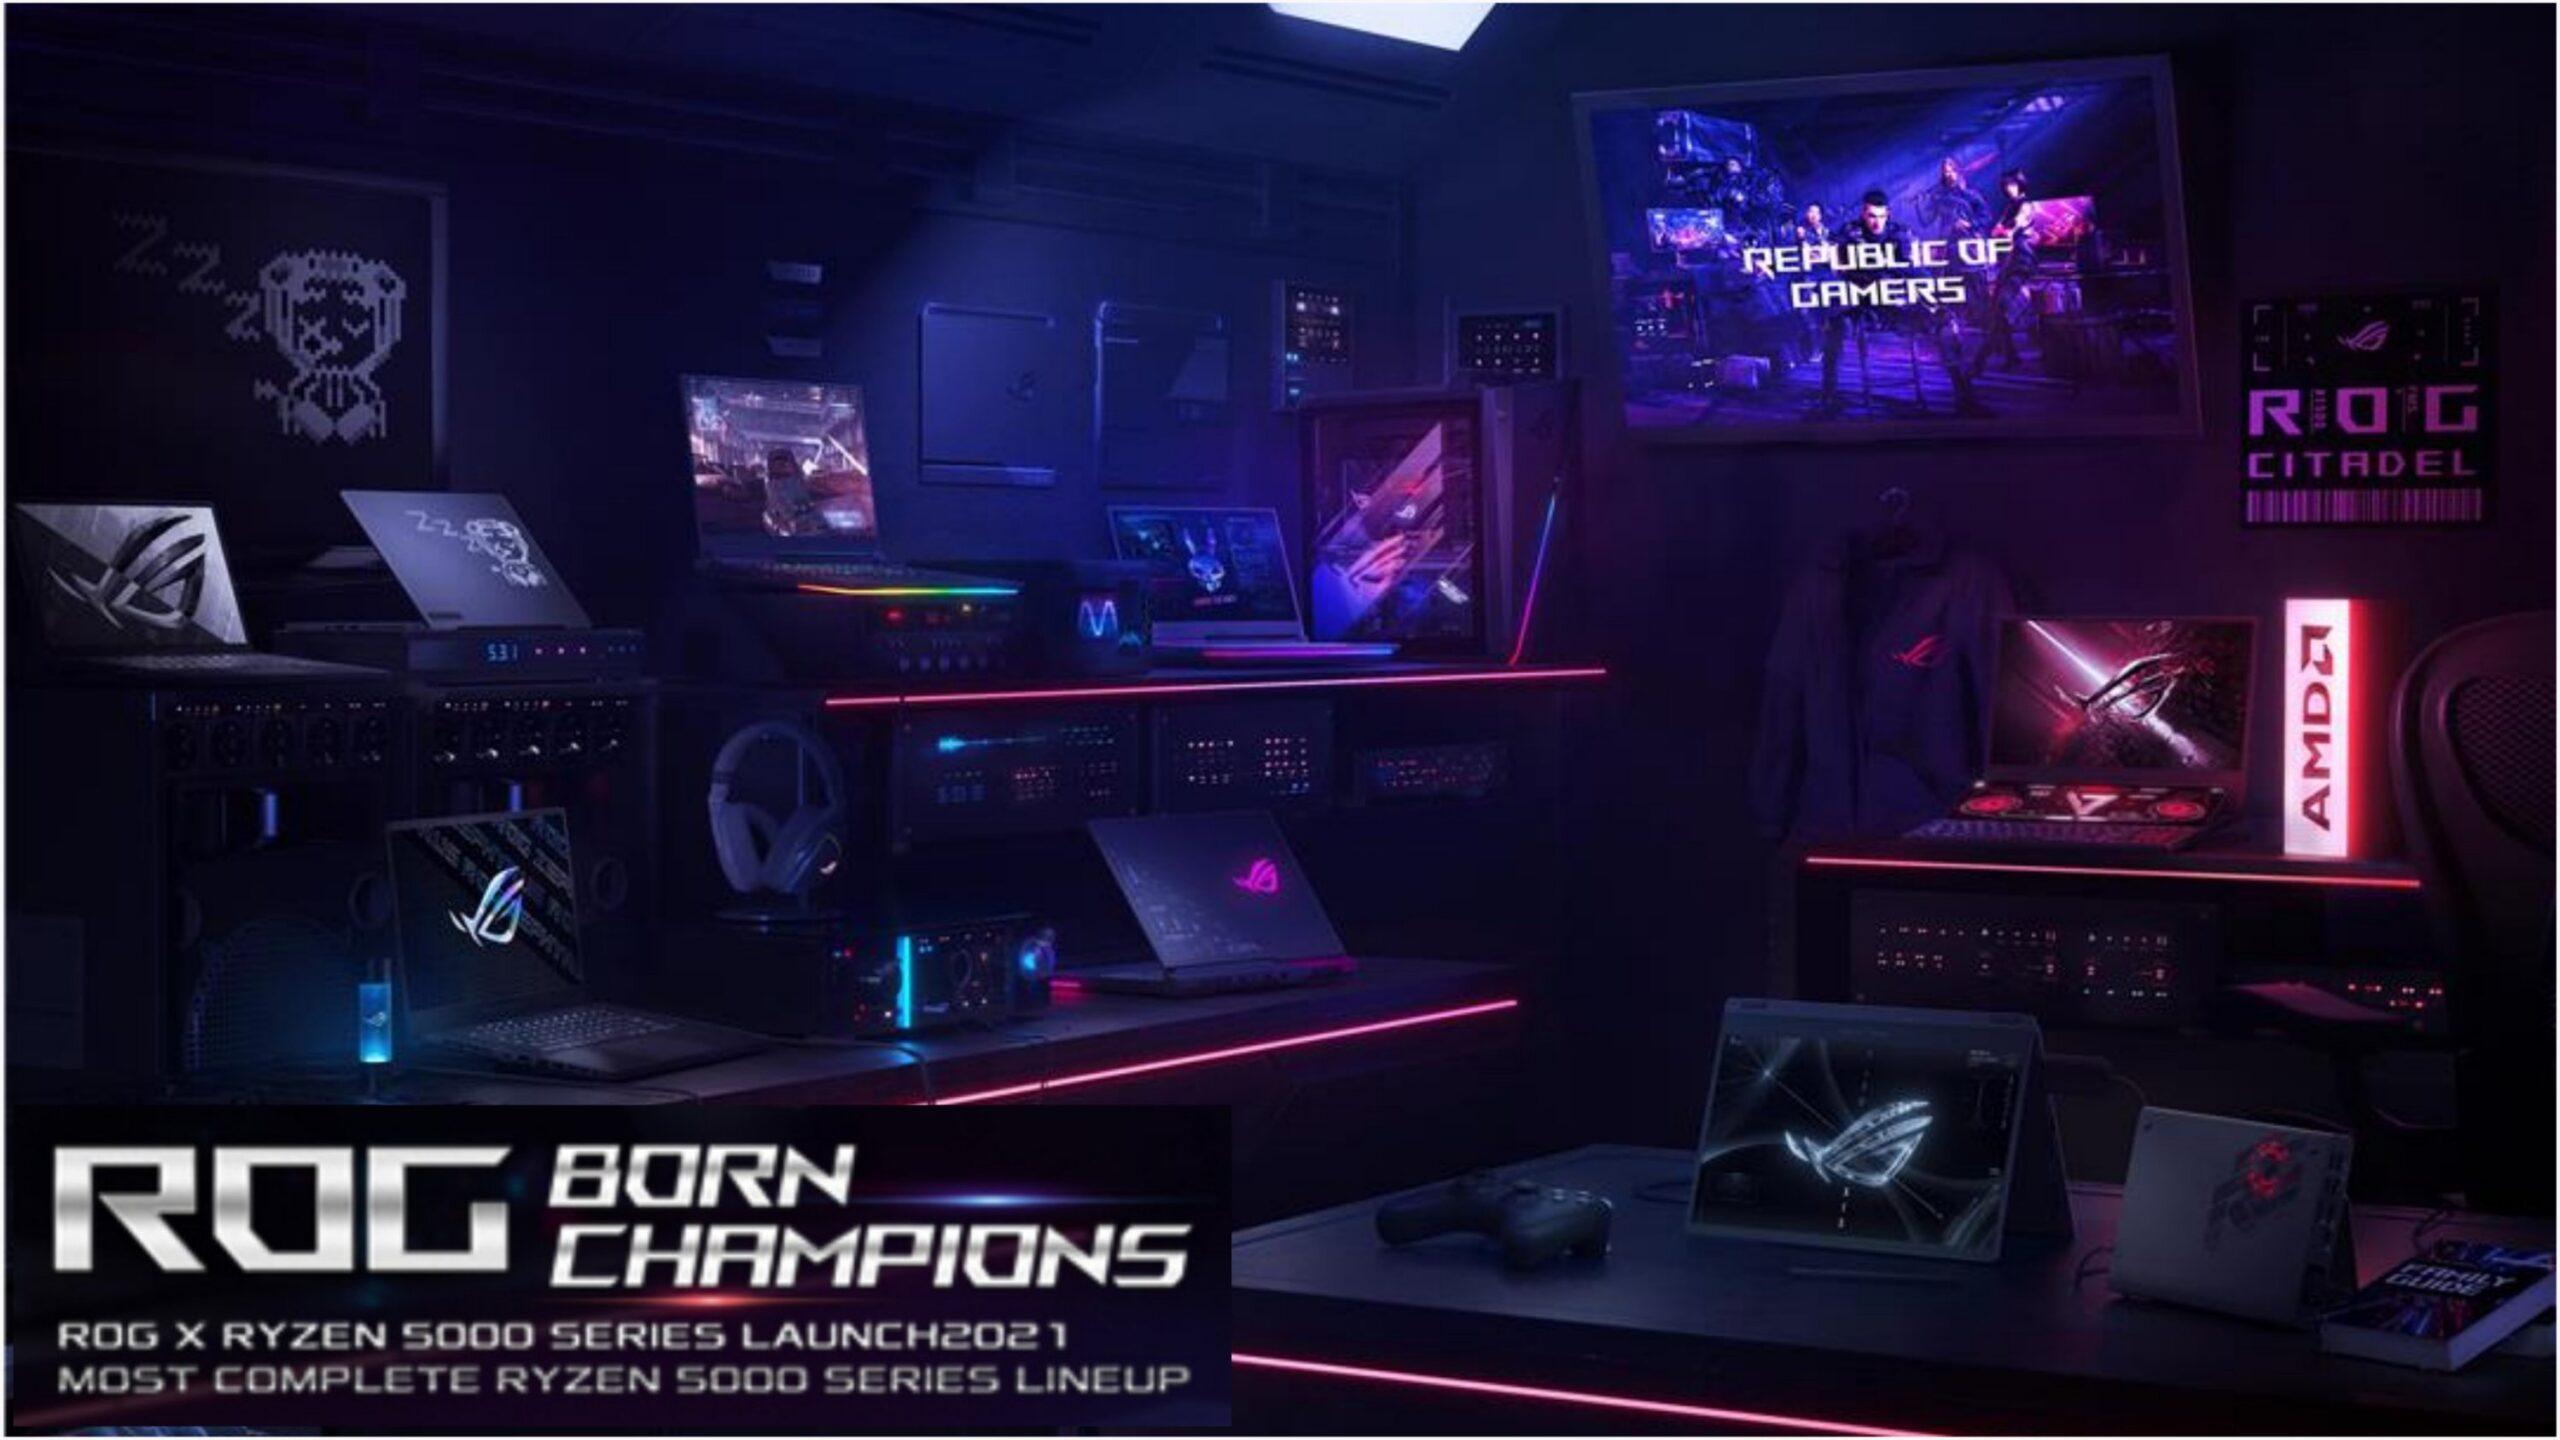 ASUS ROG Hadirkan Jajaran Laptop Gaming dengan AMD Ryzen 5000 Mobile Series Paling Lengkap di Indonesia